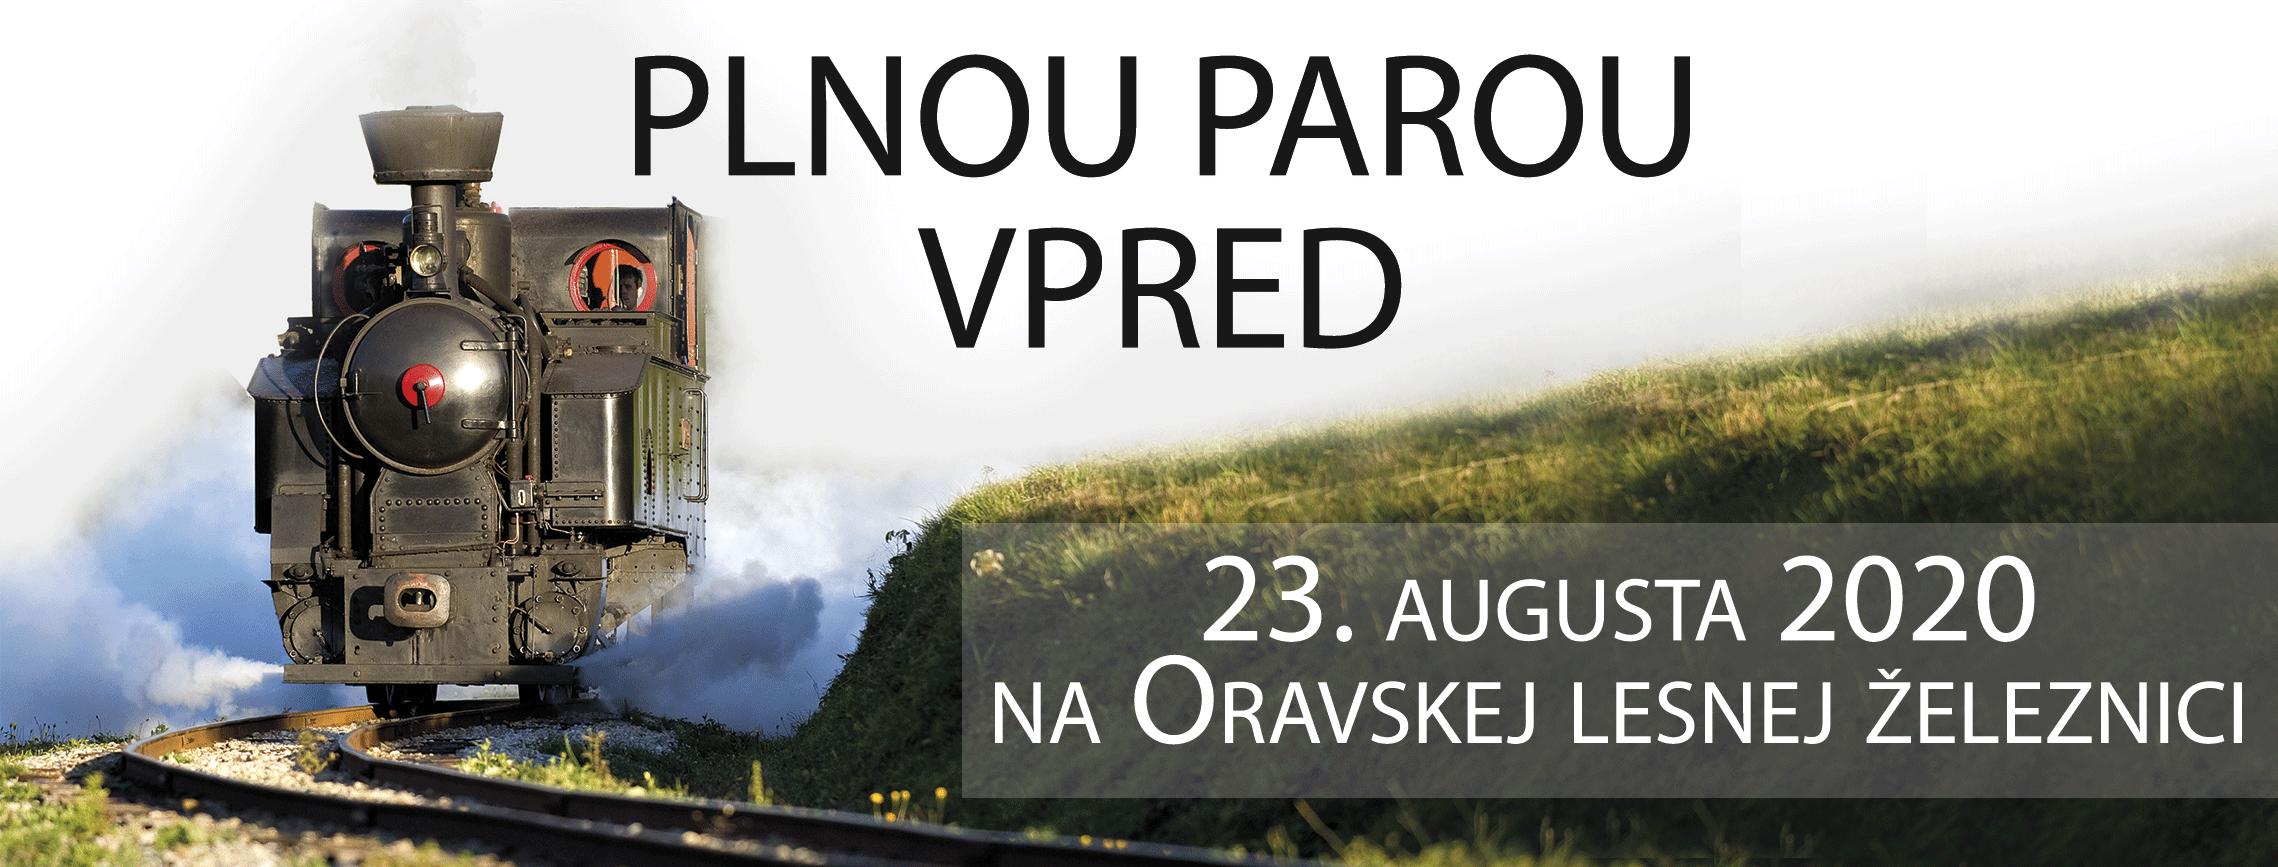 Zdroj: oravskemuzeum.sk